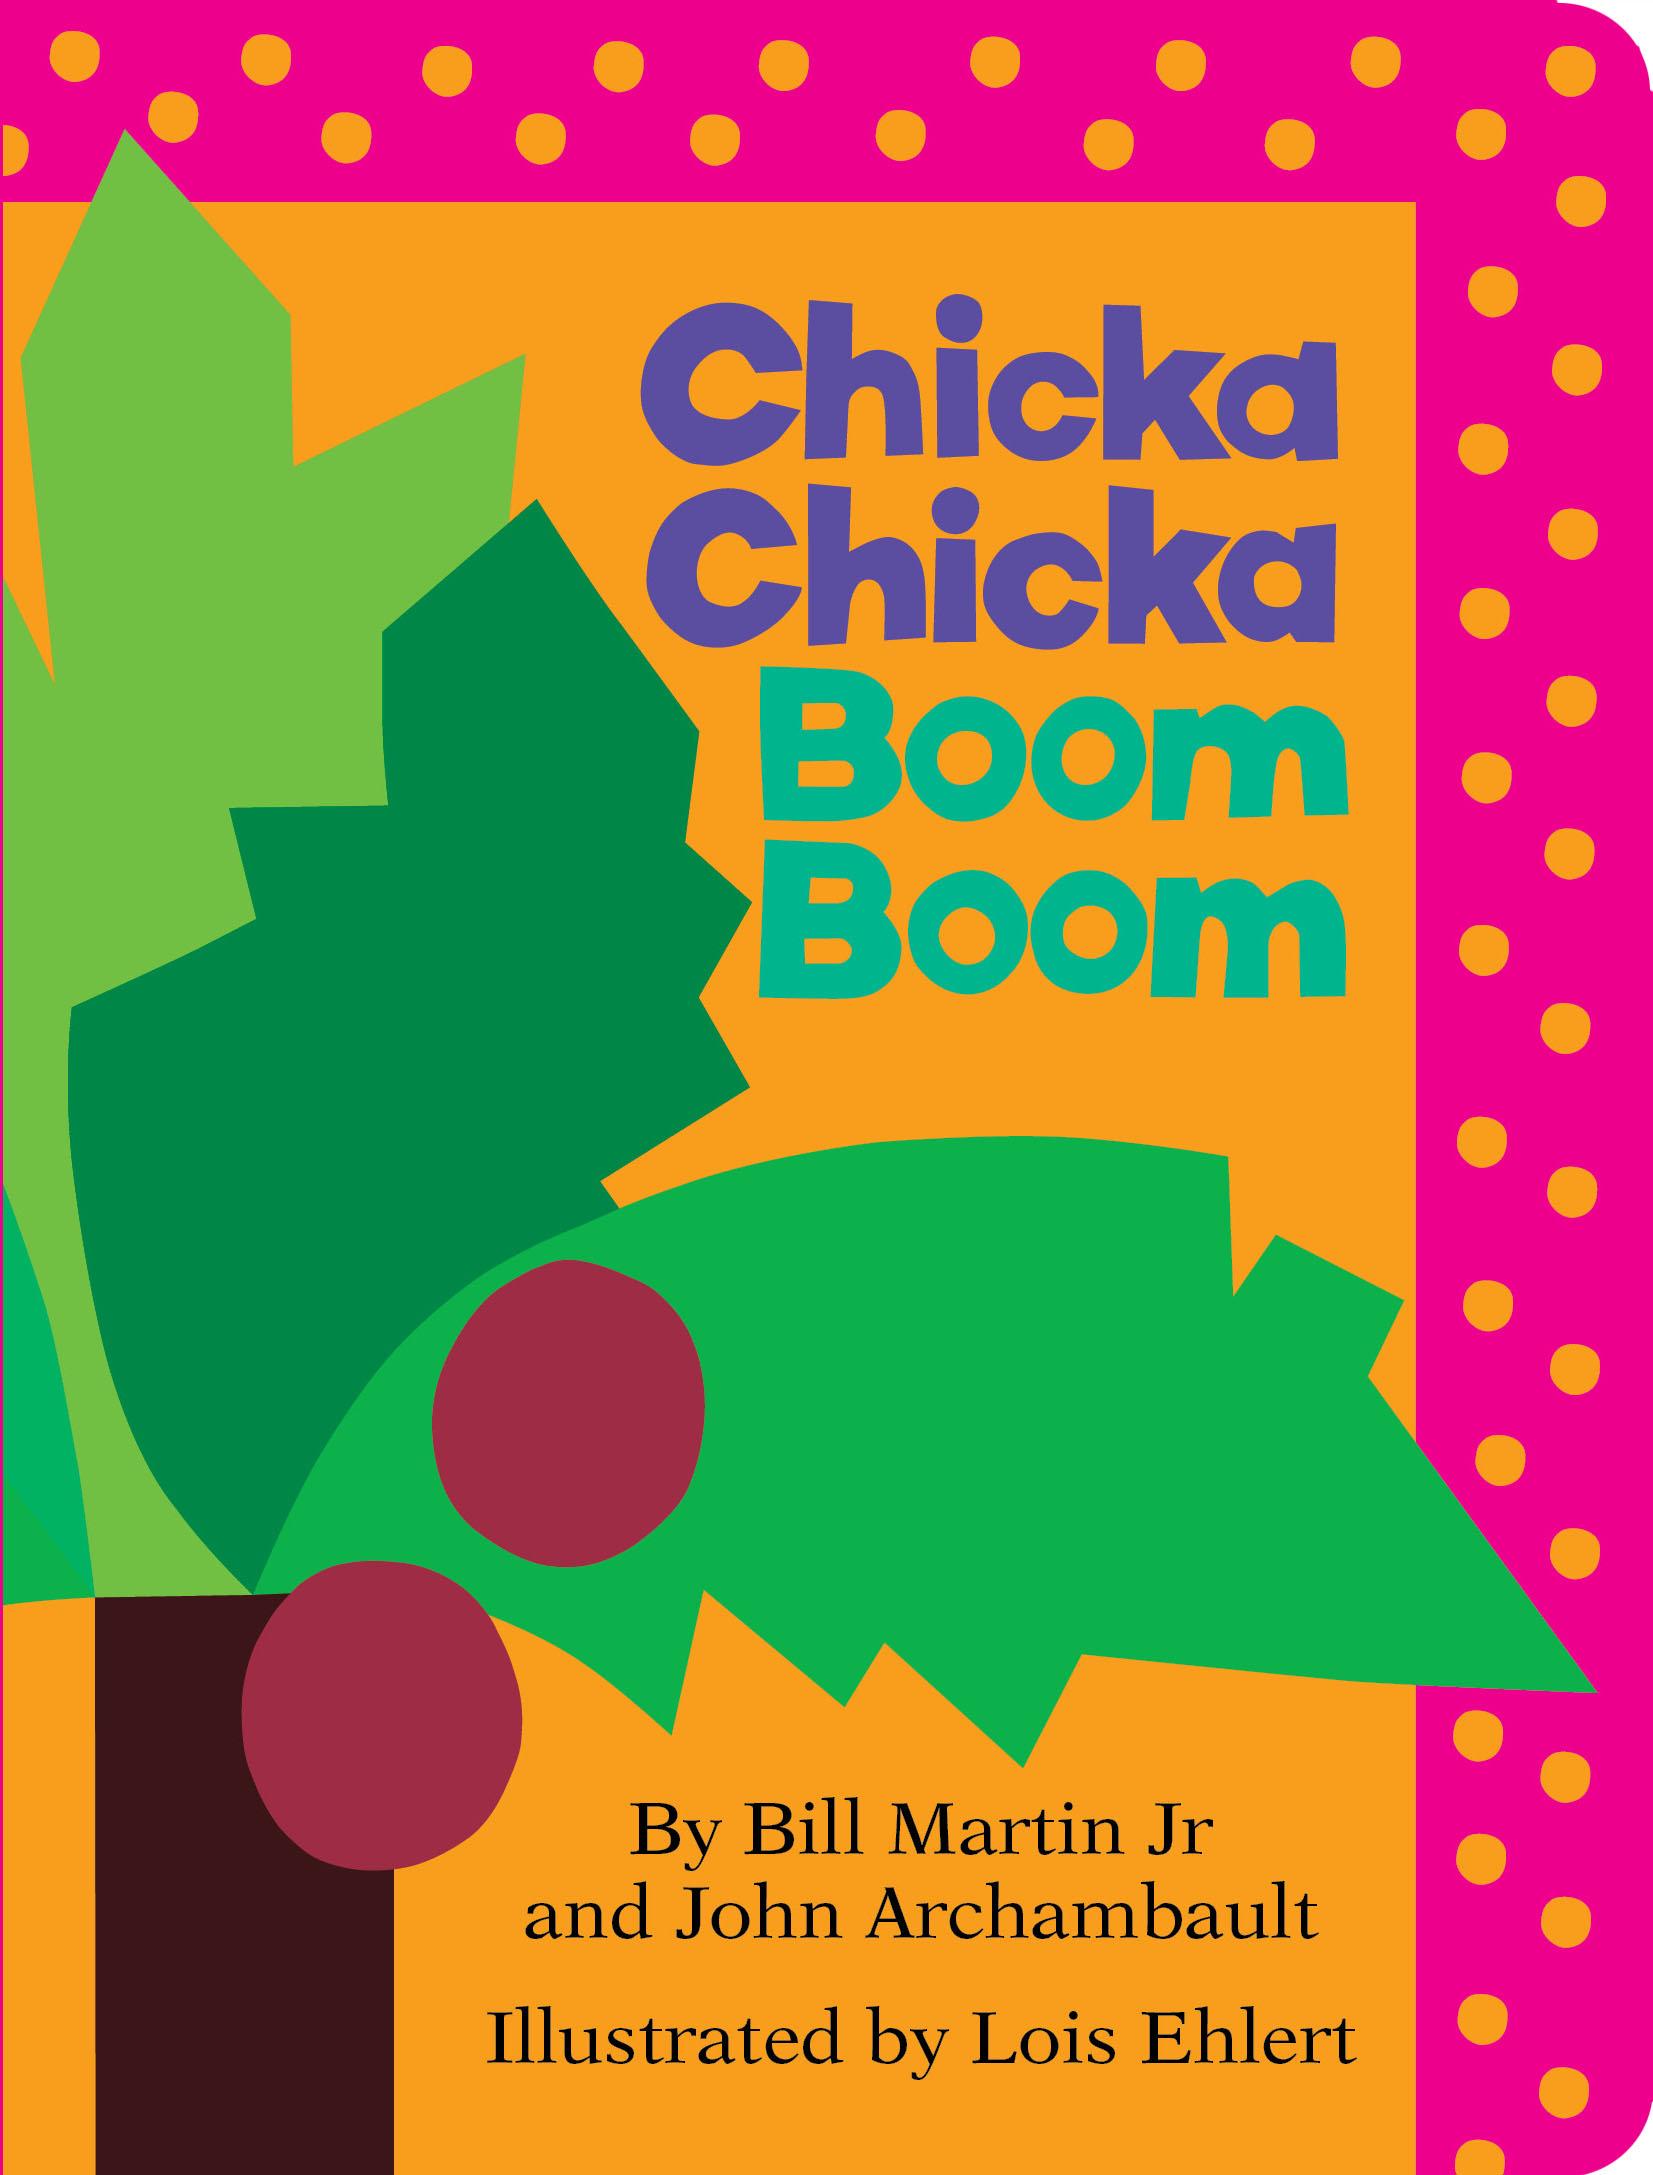 Resultado de imagen de chicka chicka boom boom